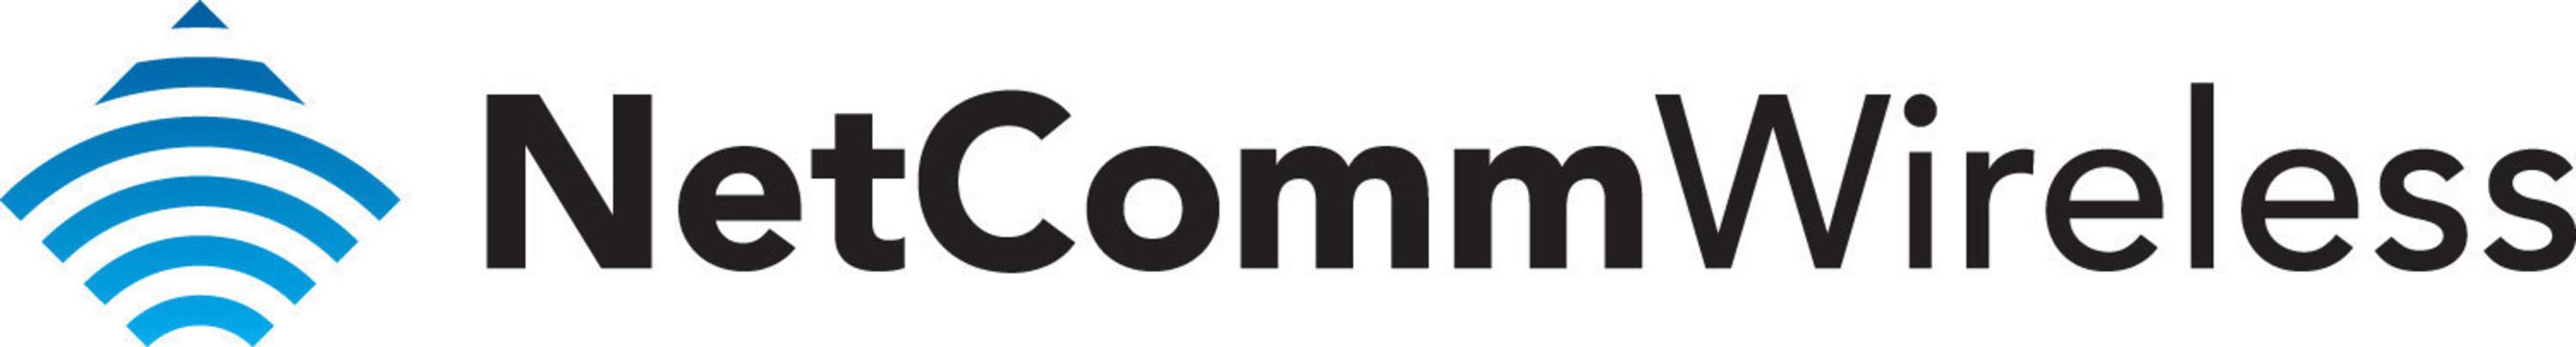 NetComm Wireless Limited Logo